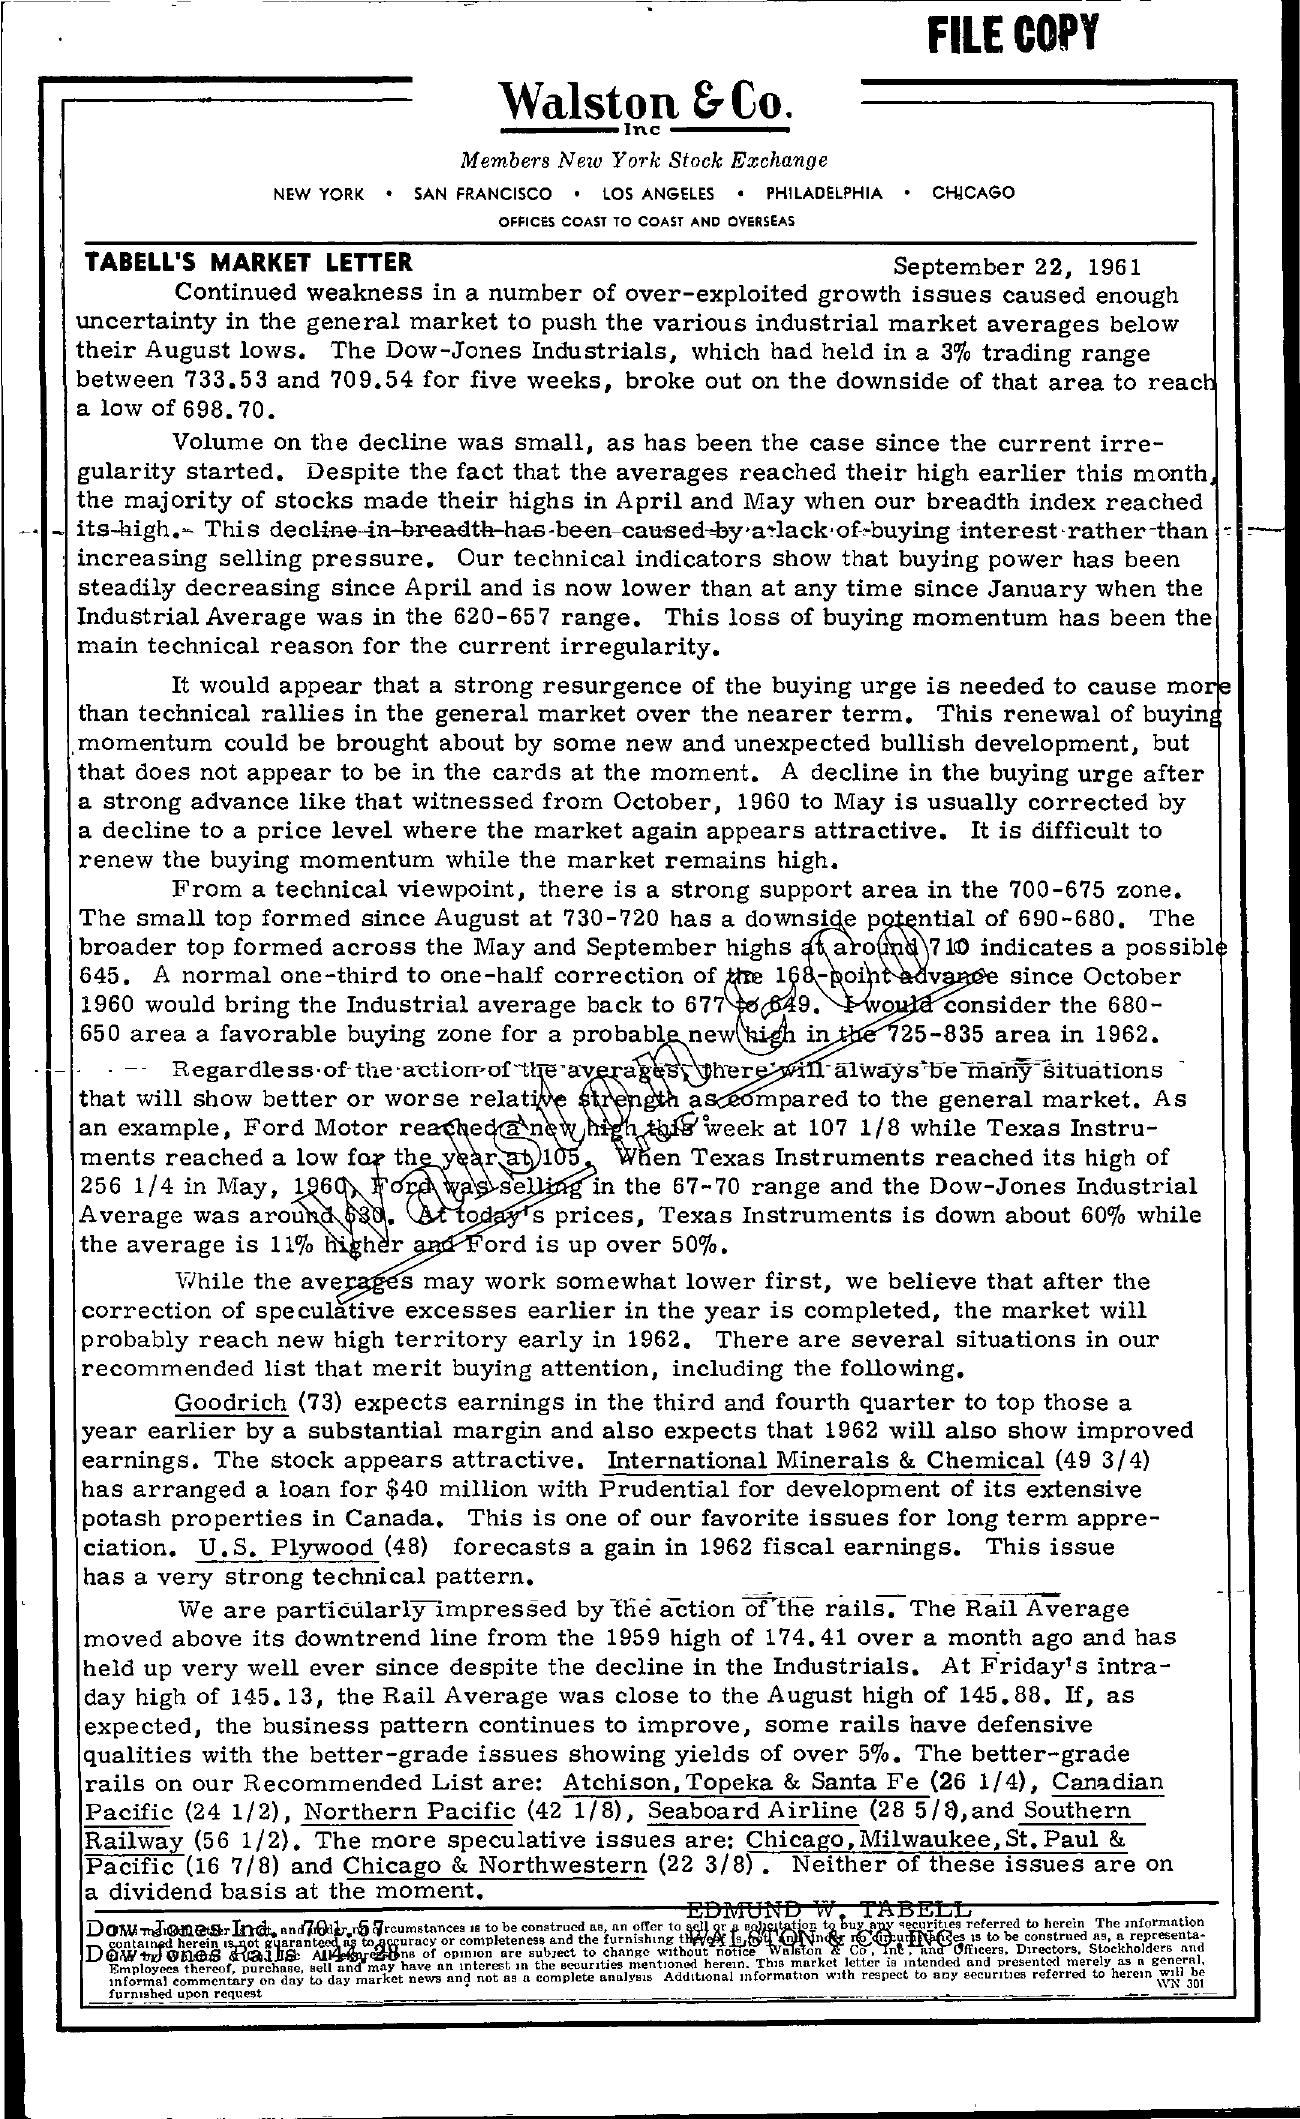 Tabell's Market Letter - September 22, 1961